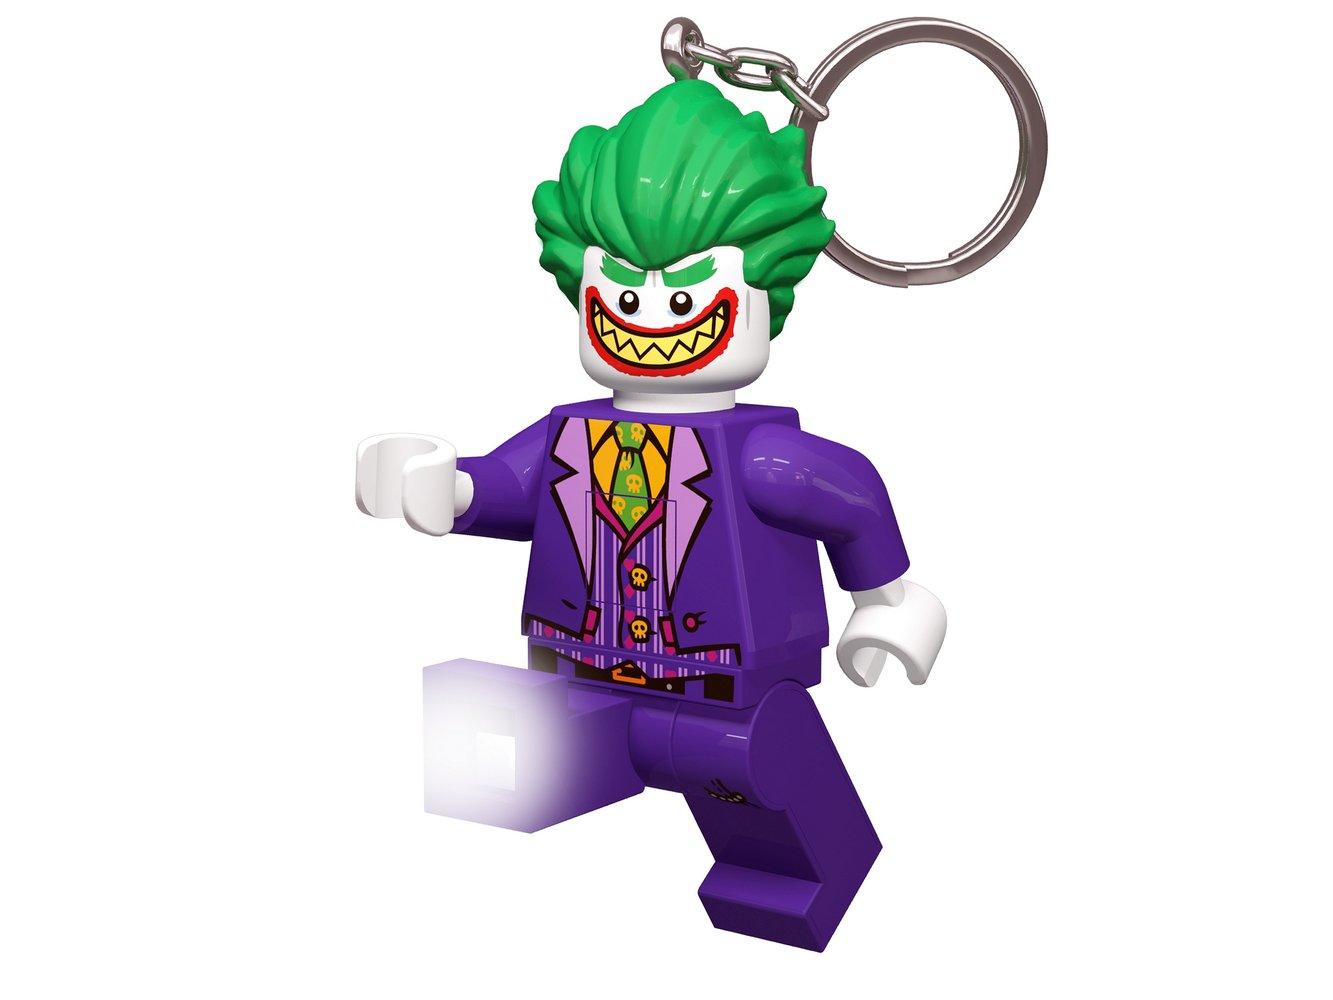 The Joker Key Light